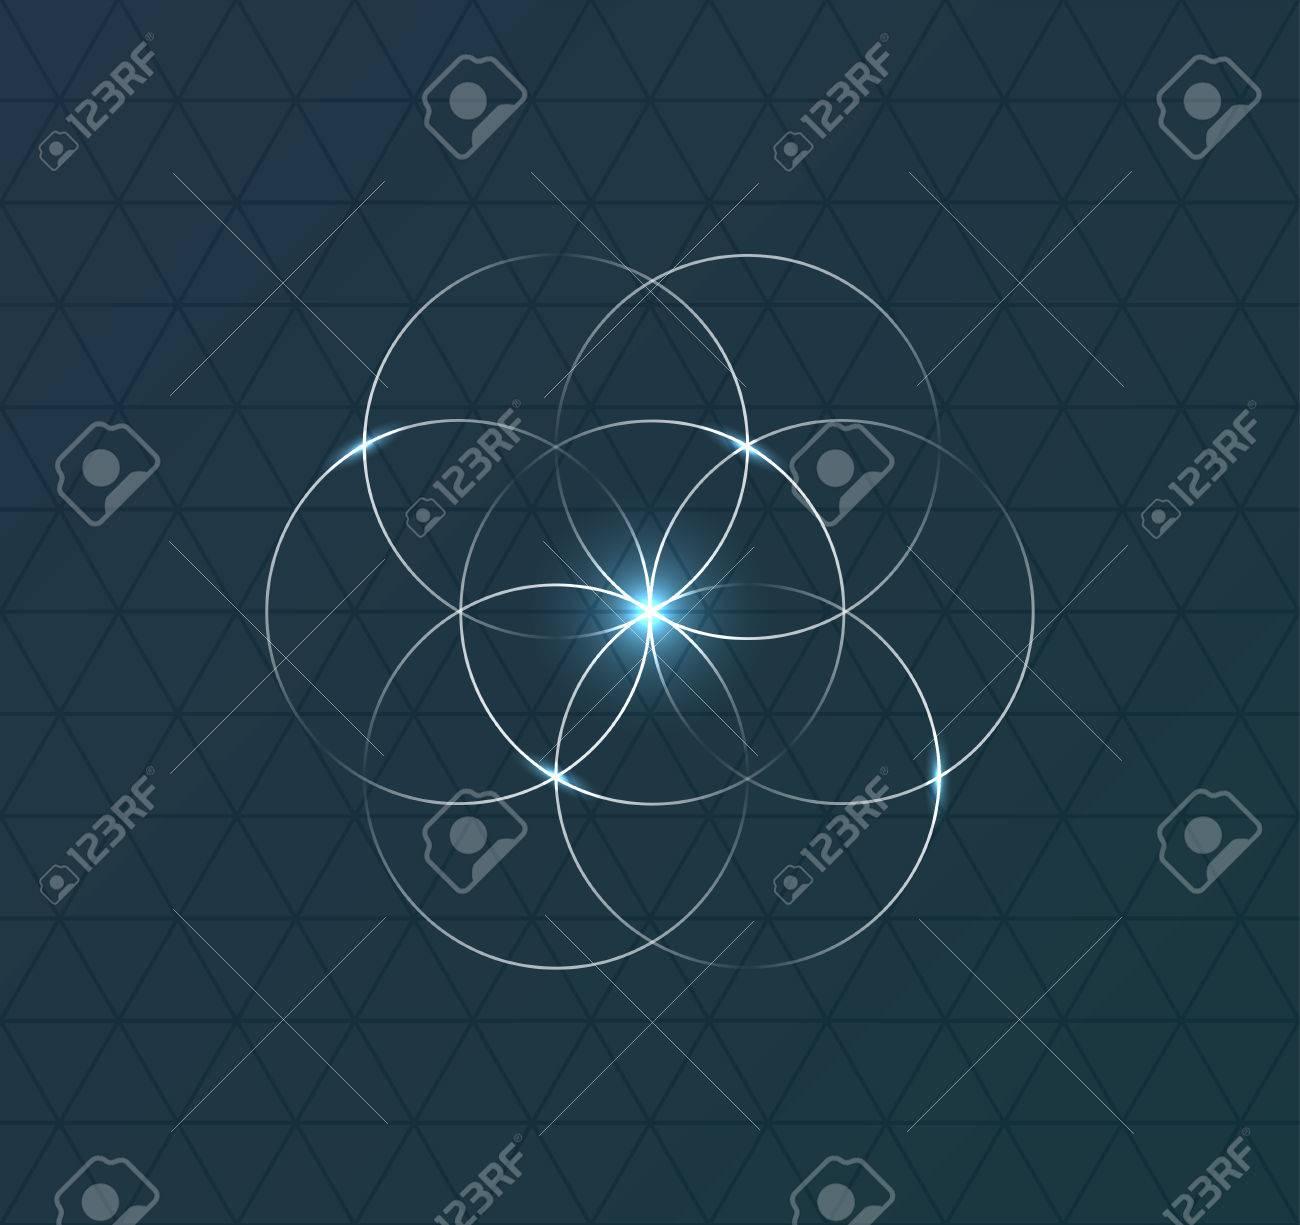 Résumé symbole géométrique sur fond bleu foncé. illustration Banque d'images - 52776039